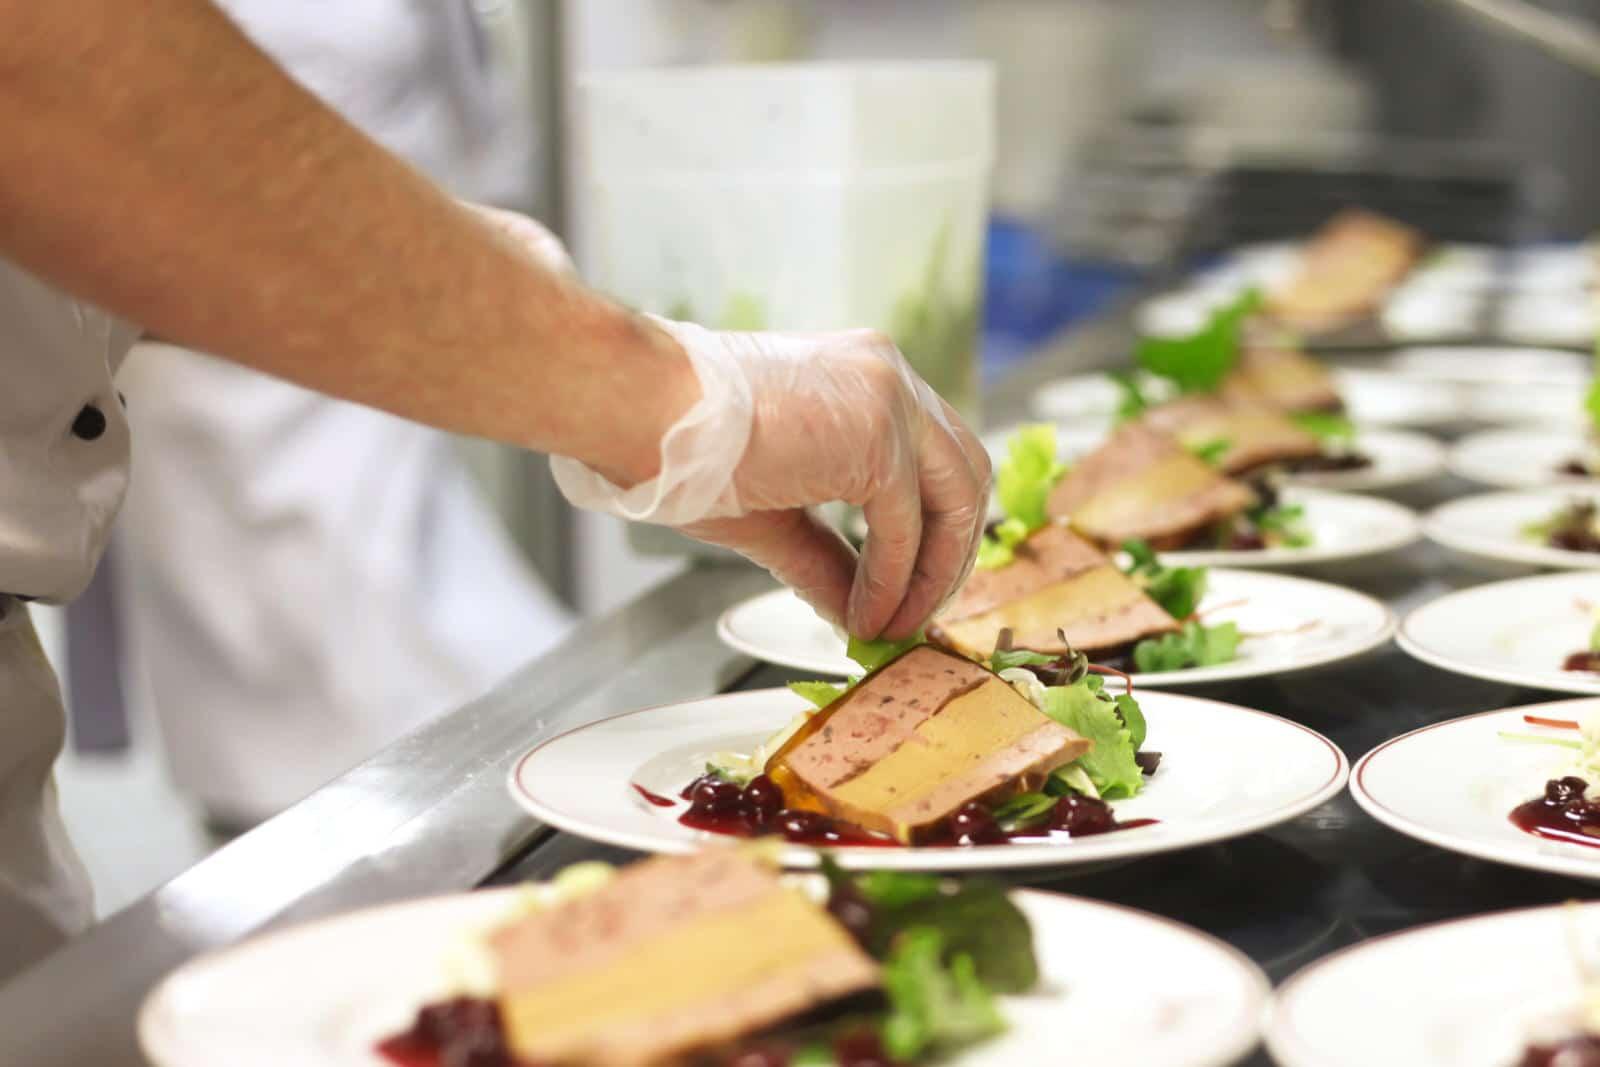 Koch platziert Salat zum Dessert auf einen Teller in einer Großküche